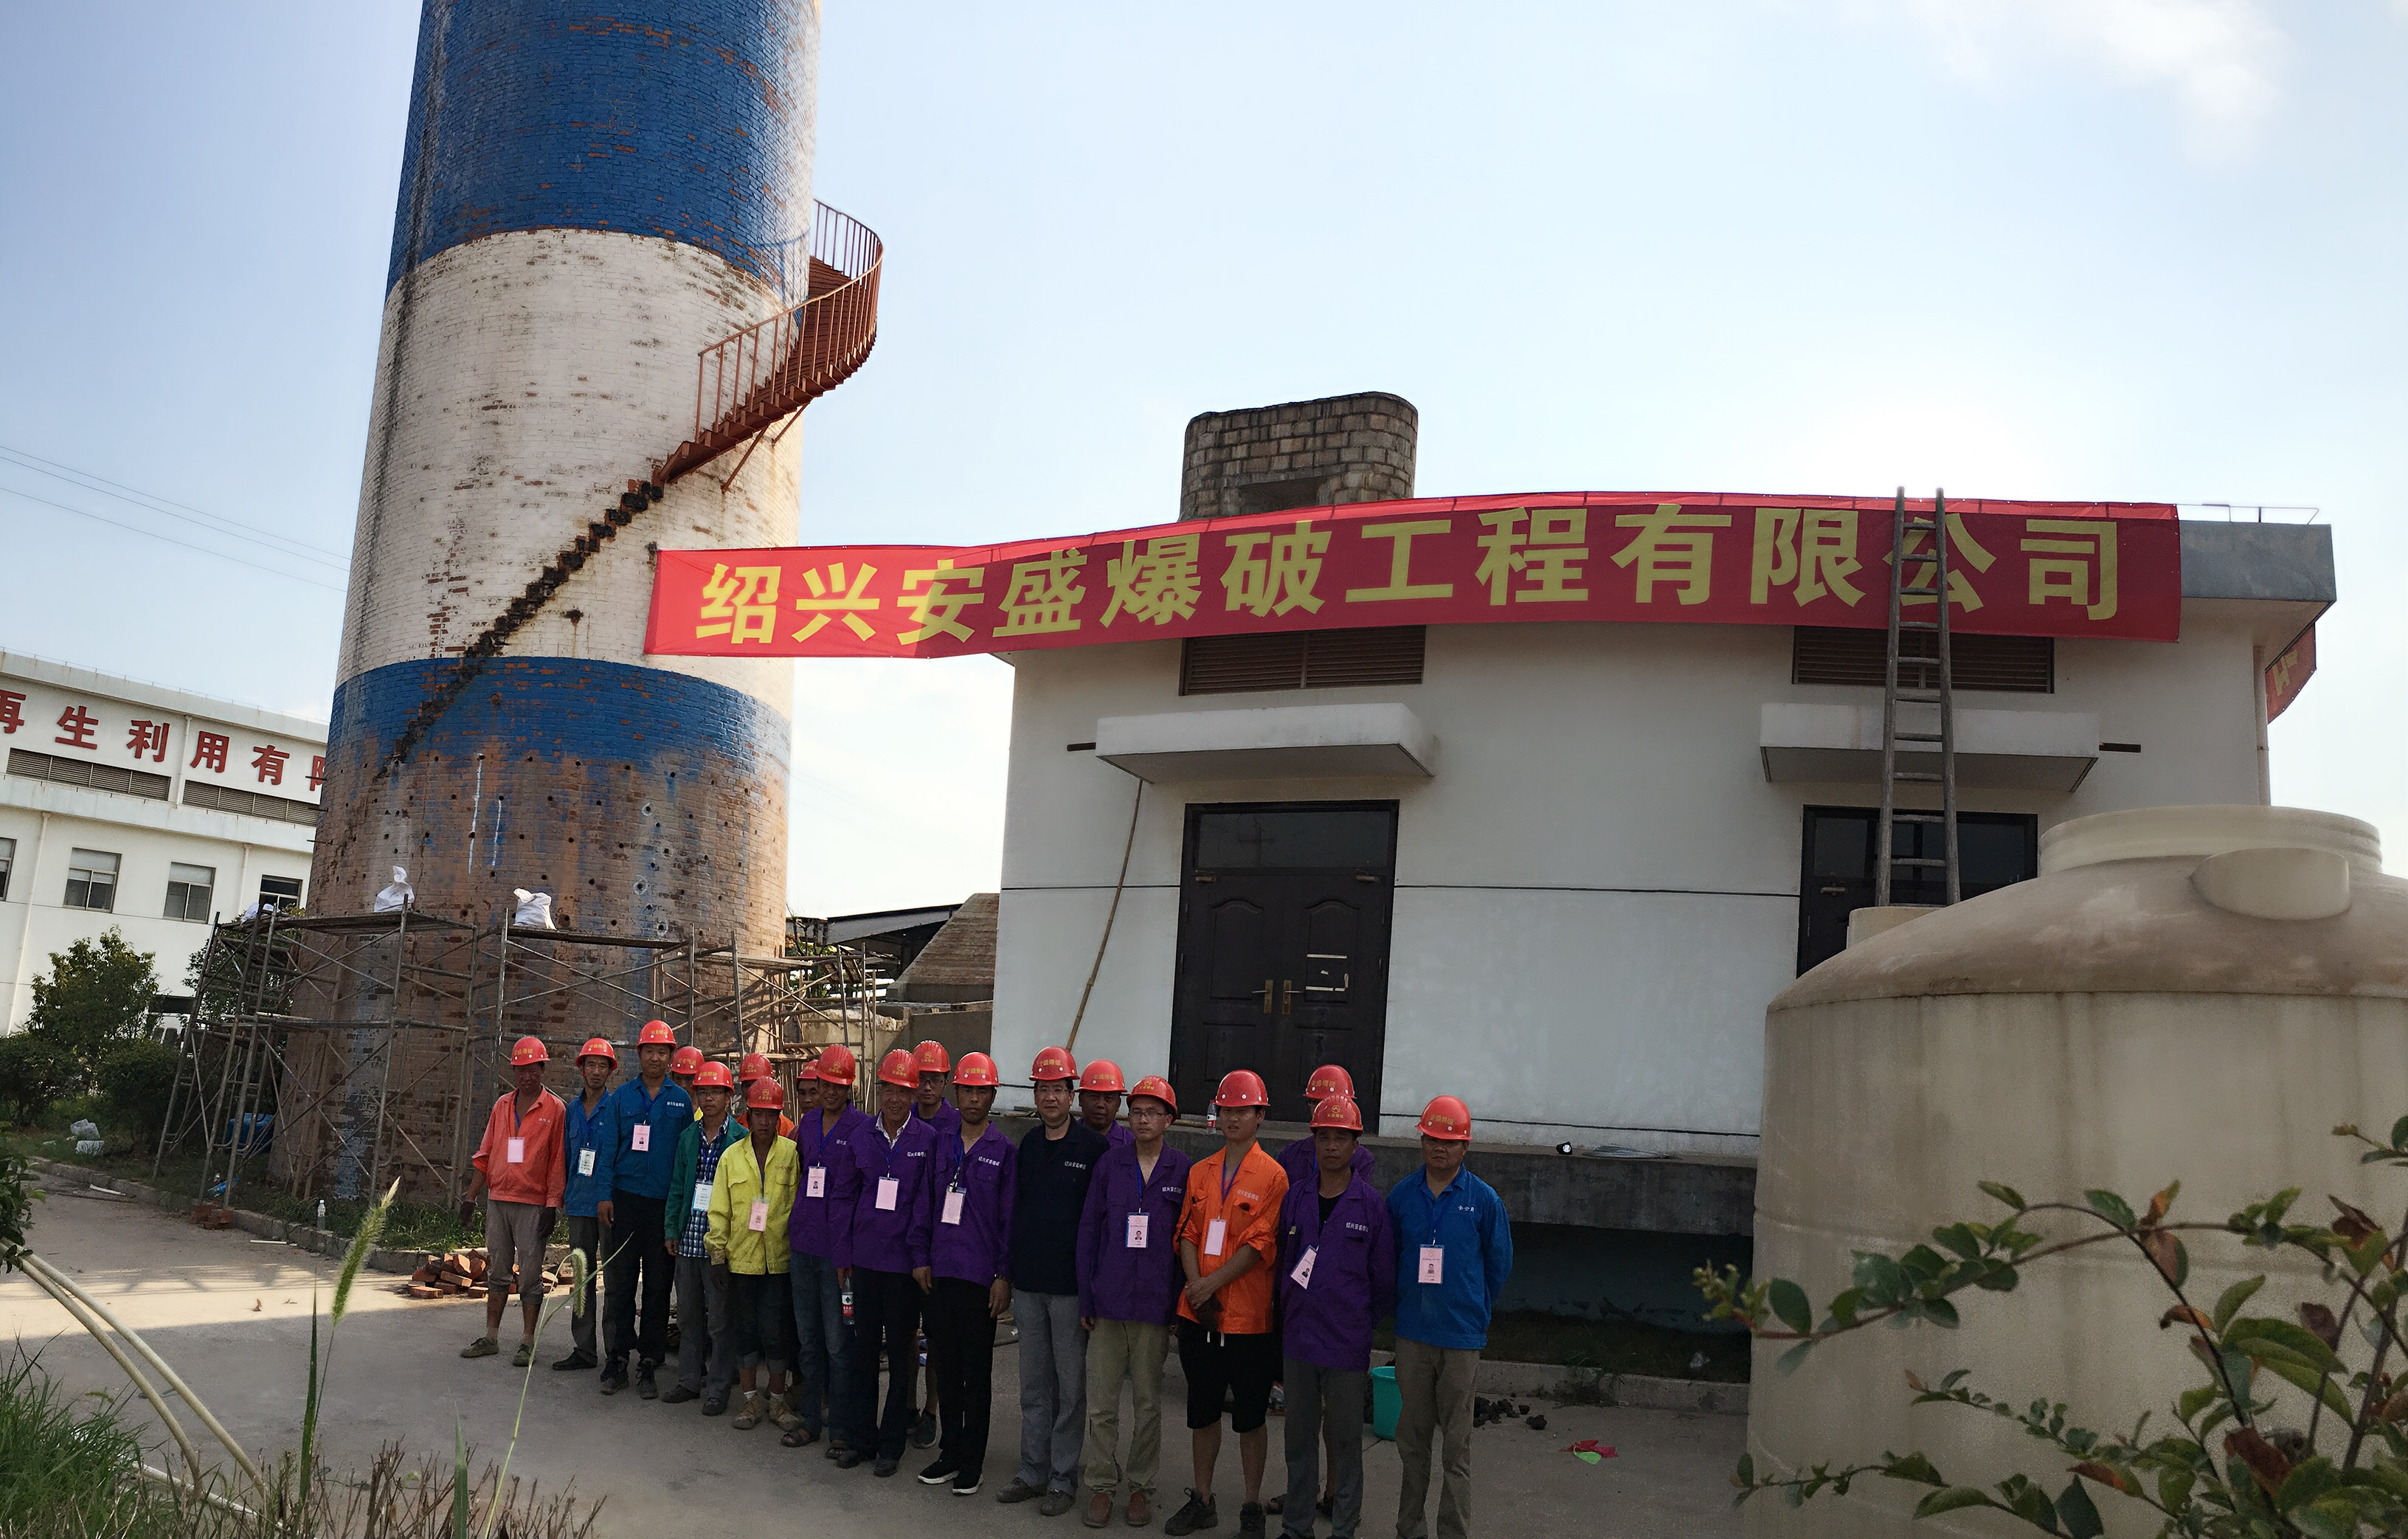 绍兴德昌源建材有限公司制砖厂87米高烟囱爆破拆除工程